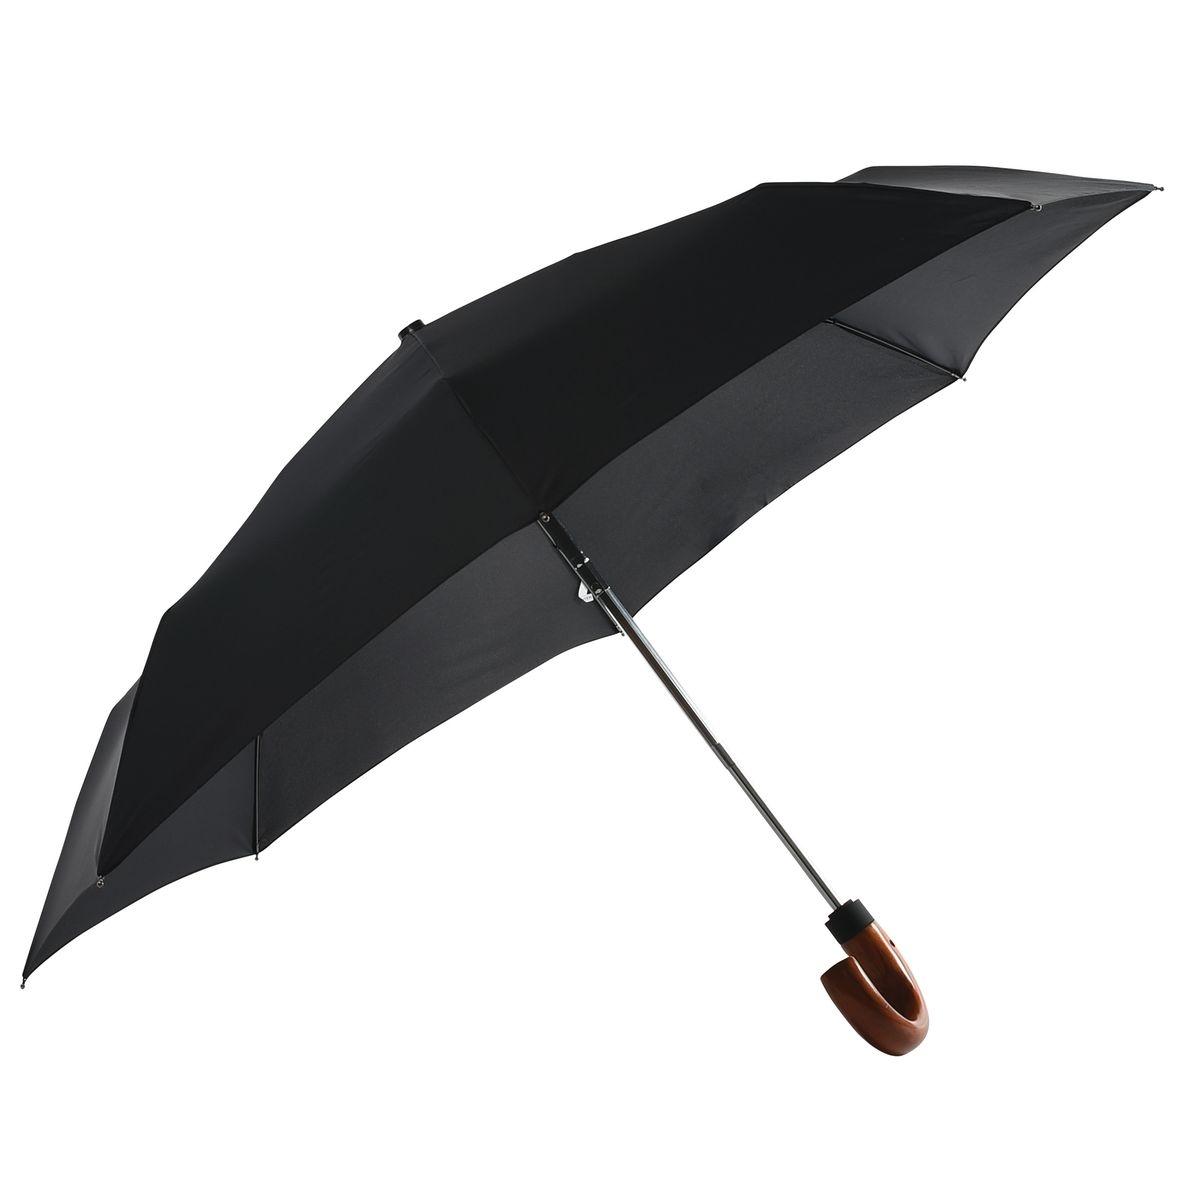 Parapluie Neyrat Autun - noir - pliant - poignée canne